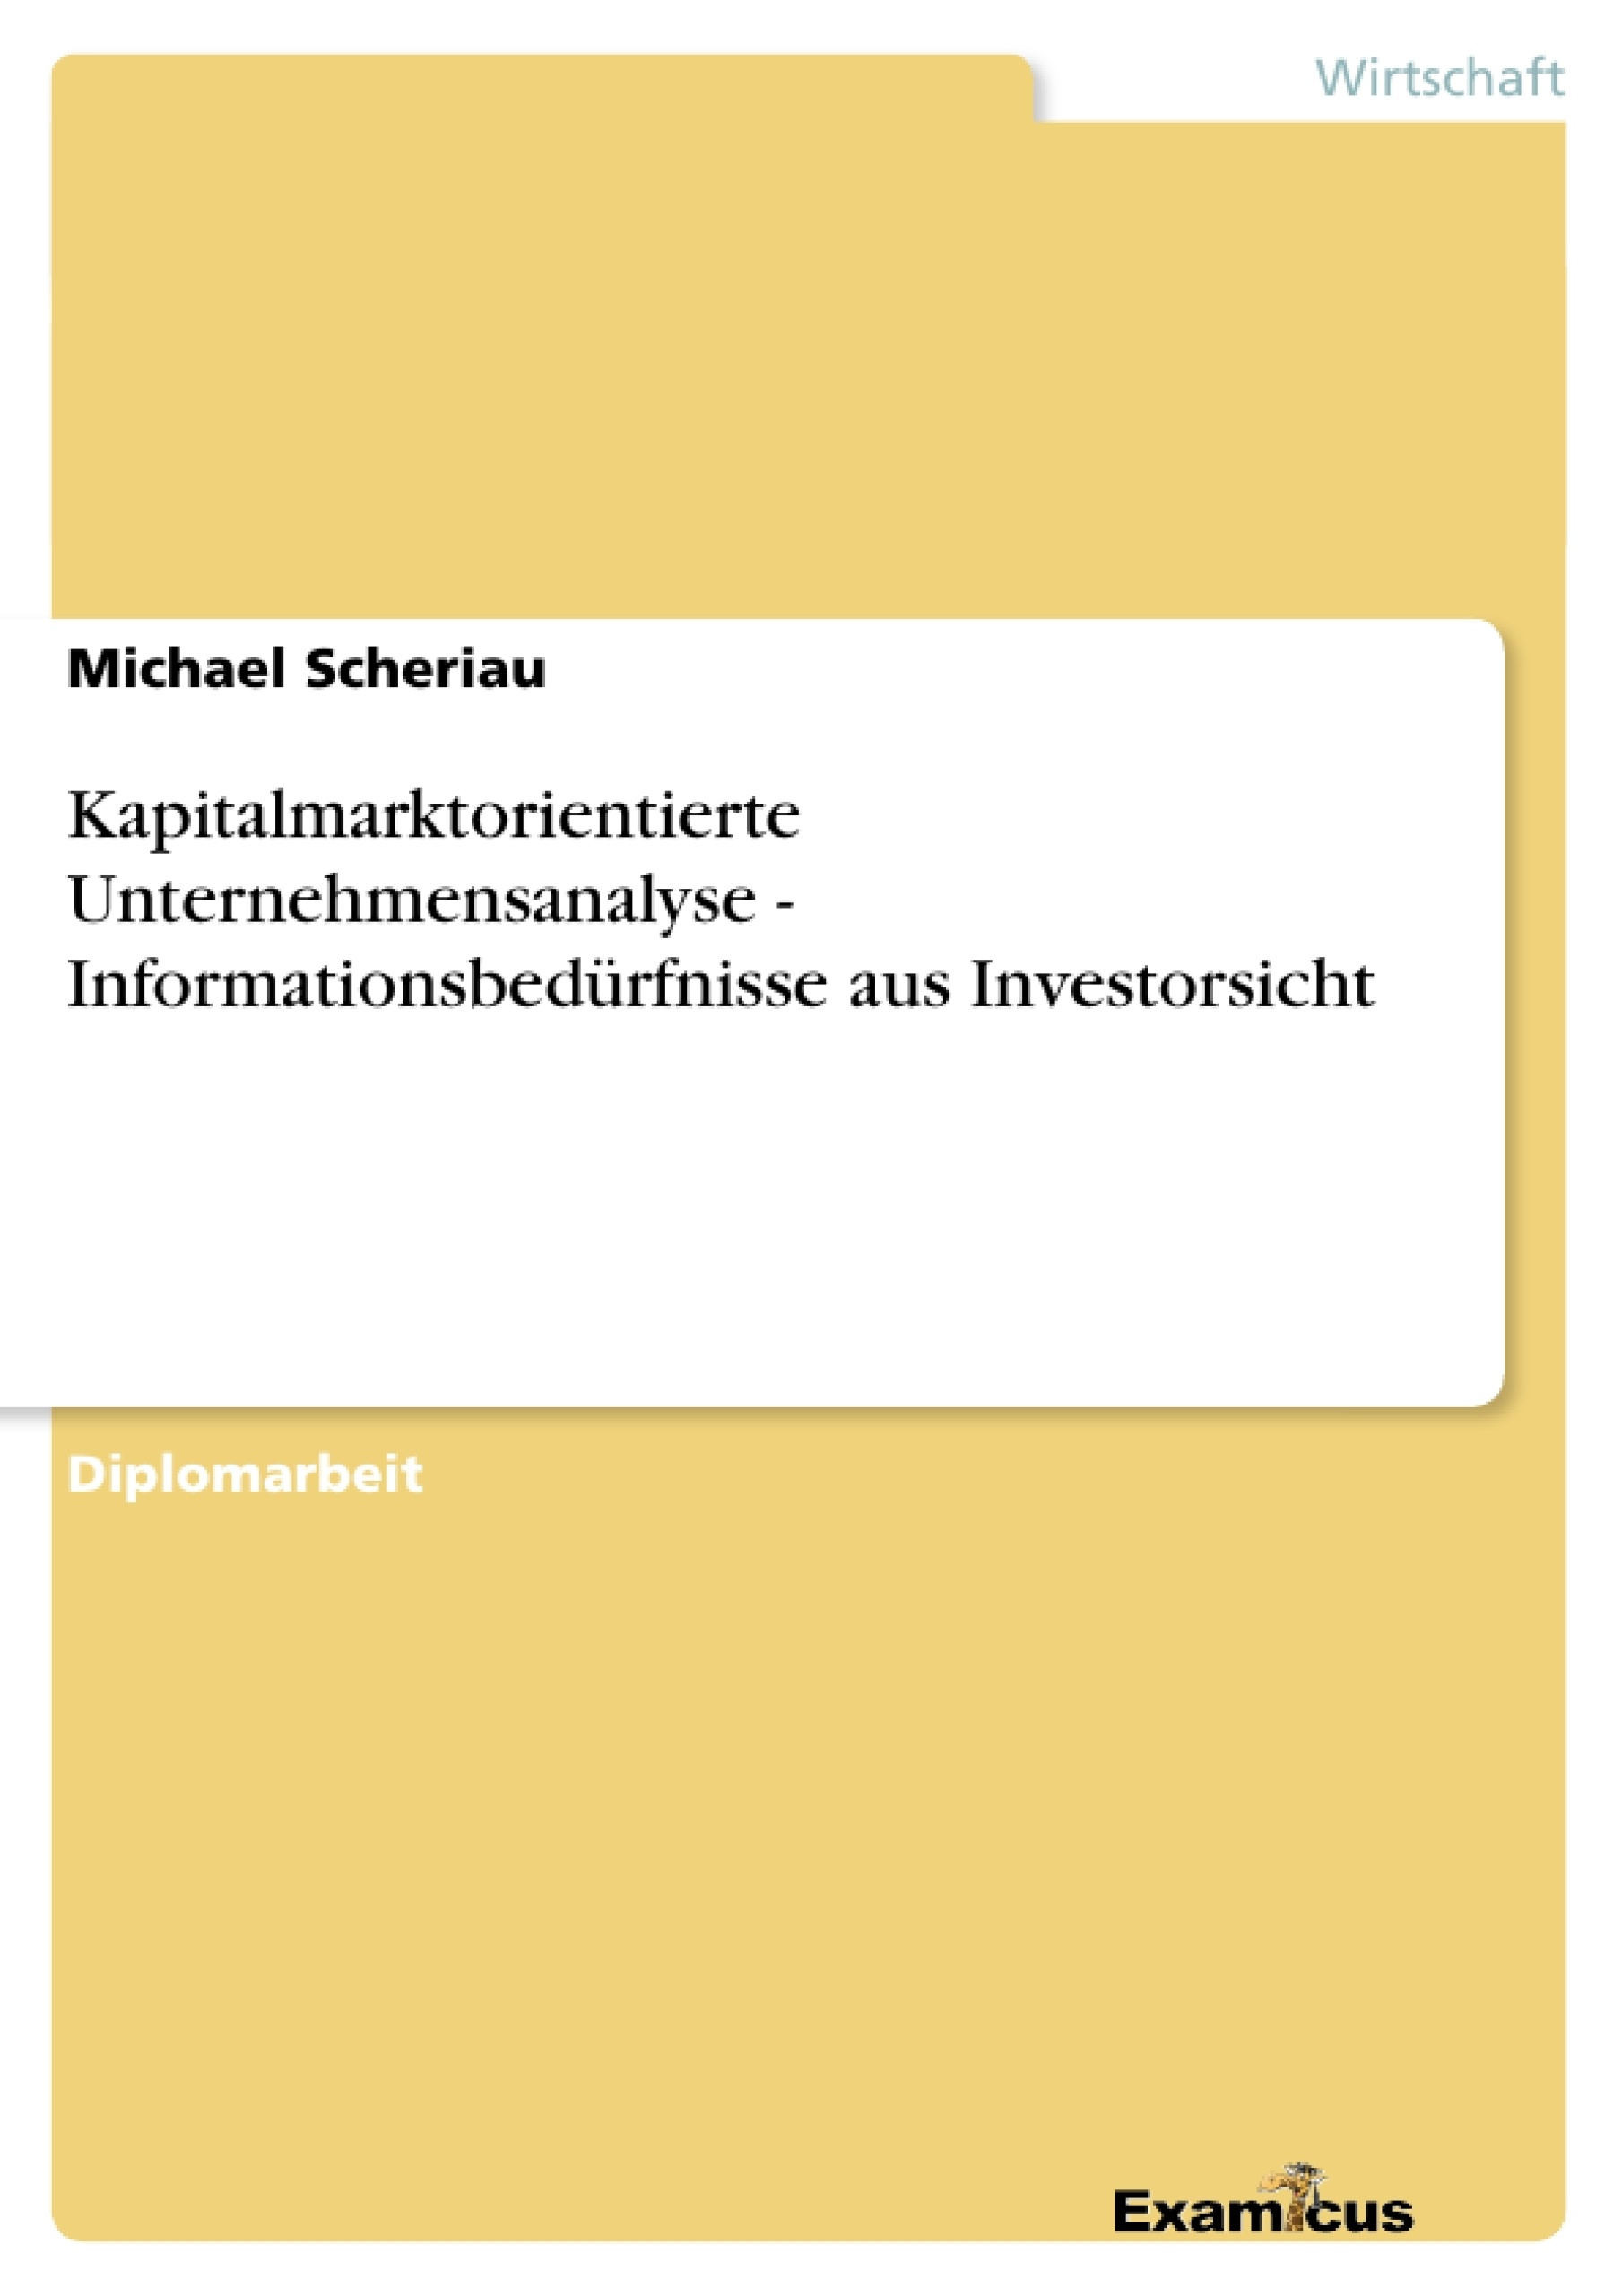 Titel: Kapitalmarktorientierte Unternehmensanalyse - Informationsbedürfnisse aus Investorsicht